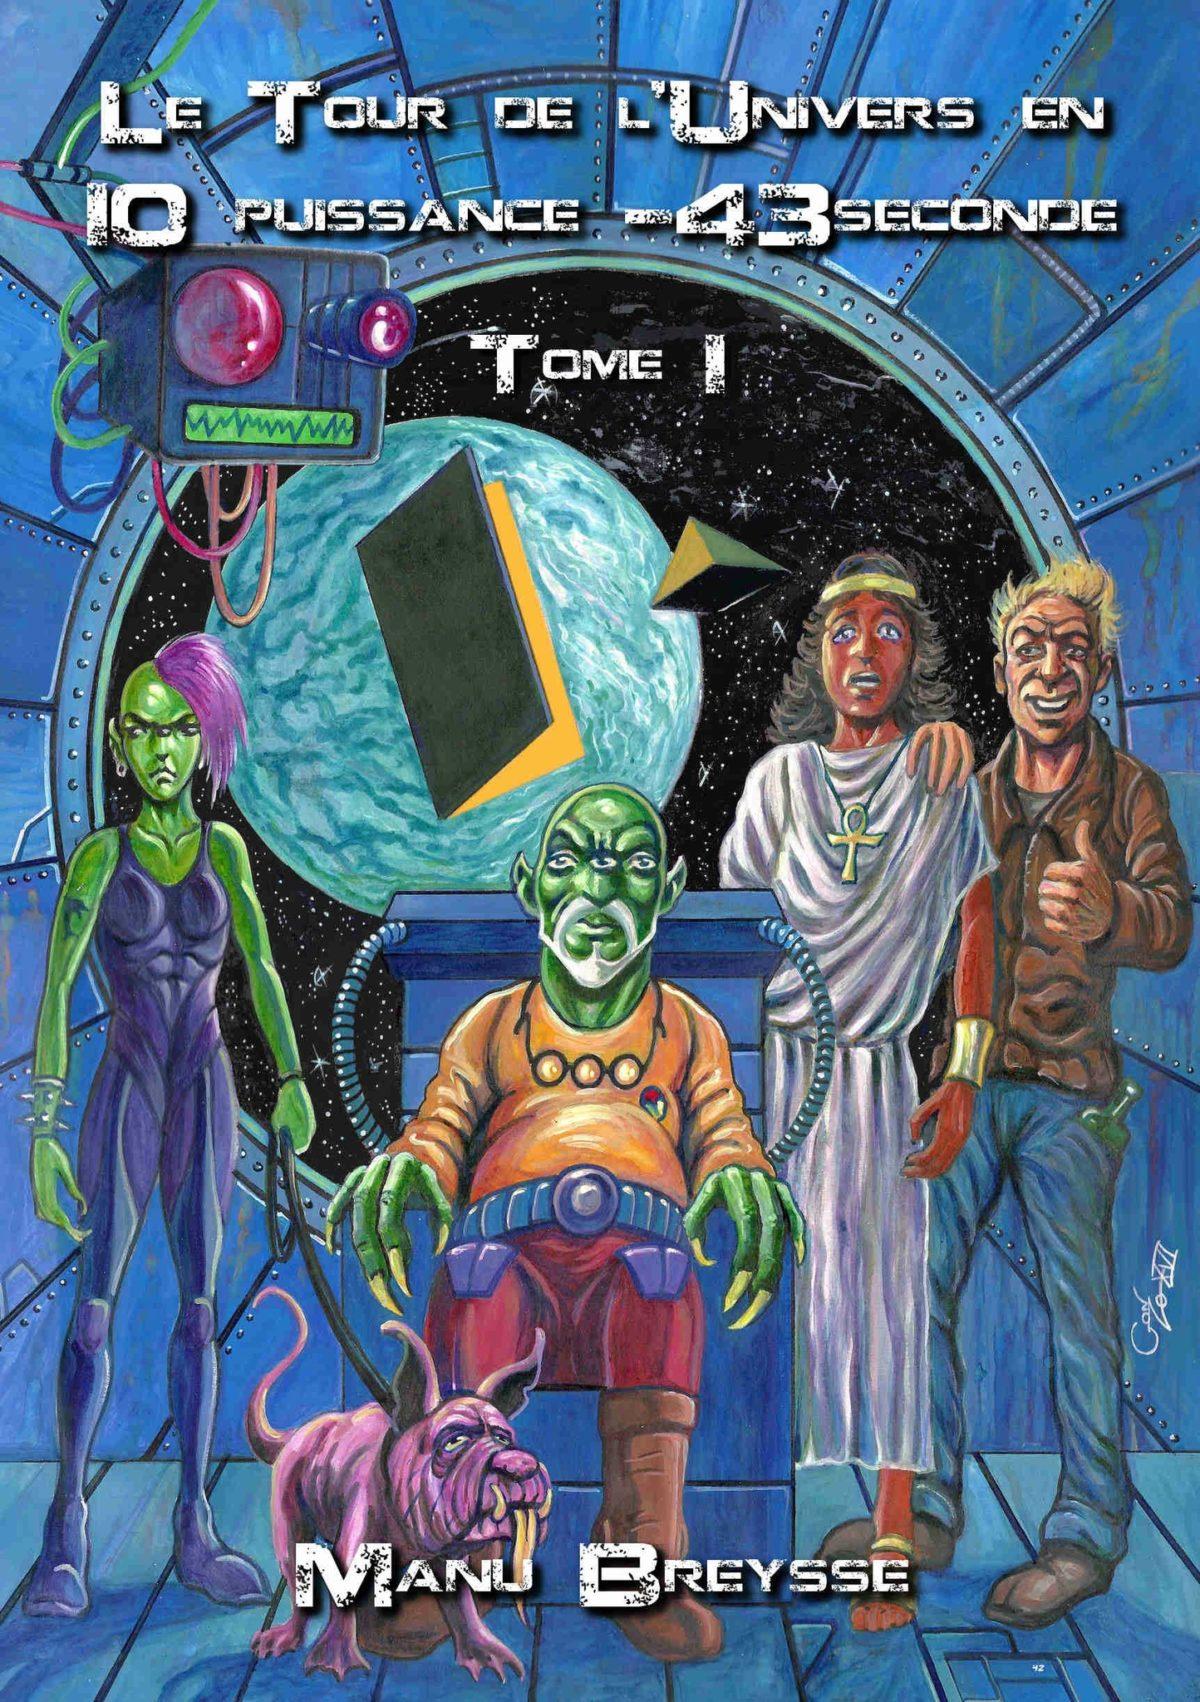 Le tour de l'univers en 10 puissance – 43 seconde, avis de lecture